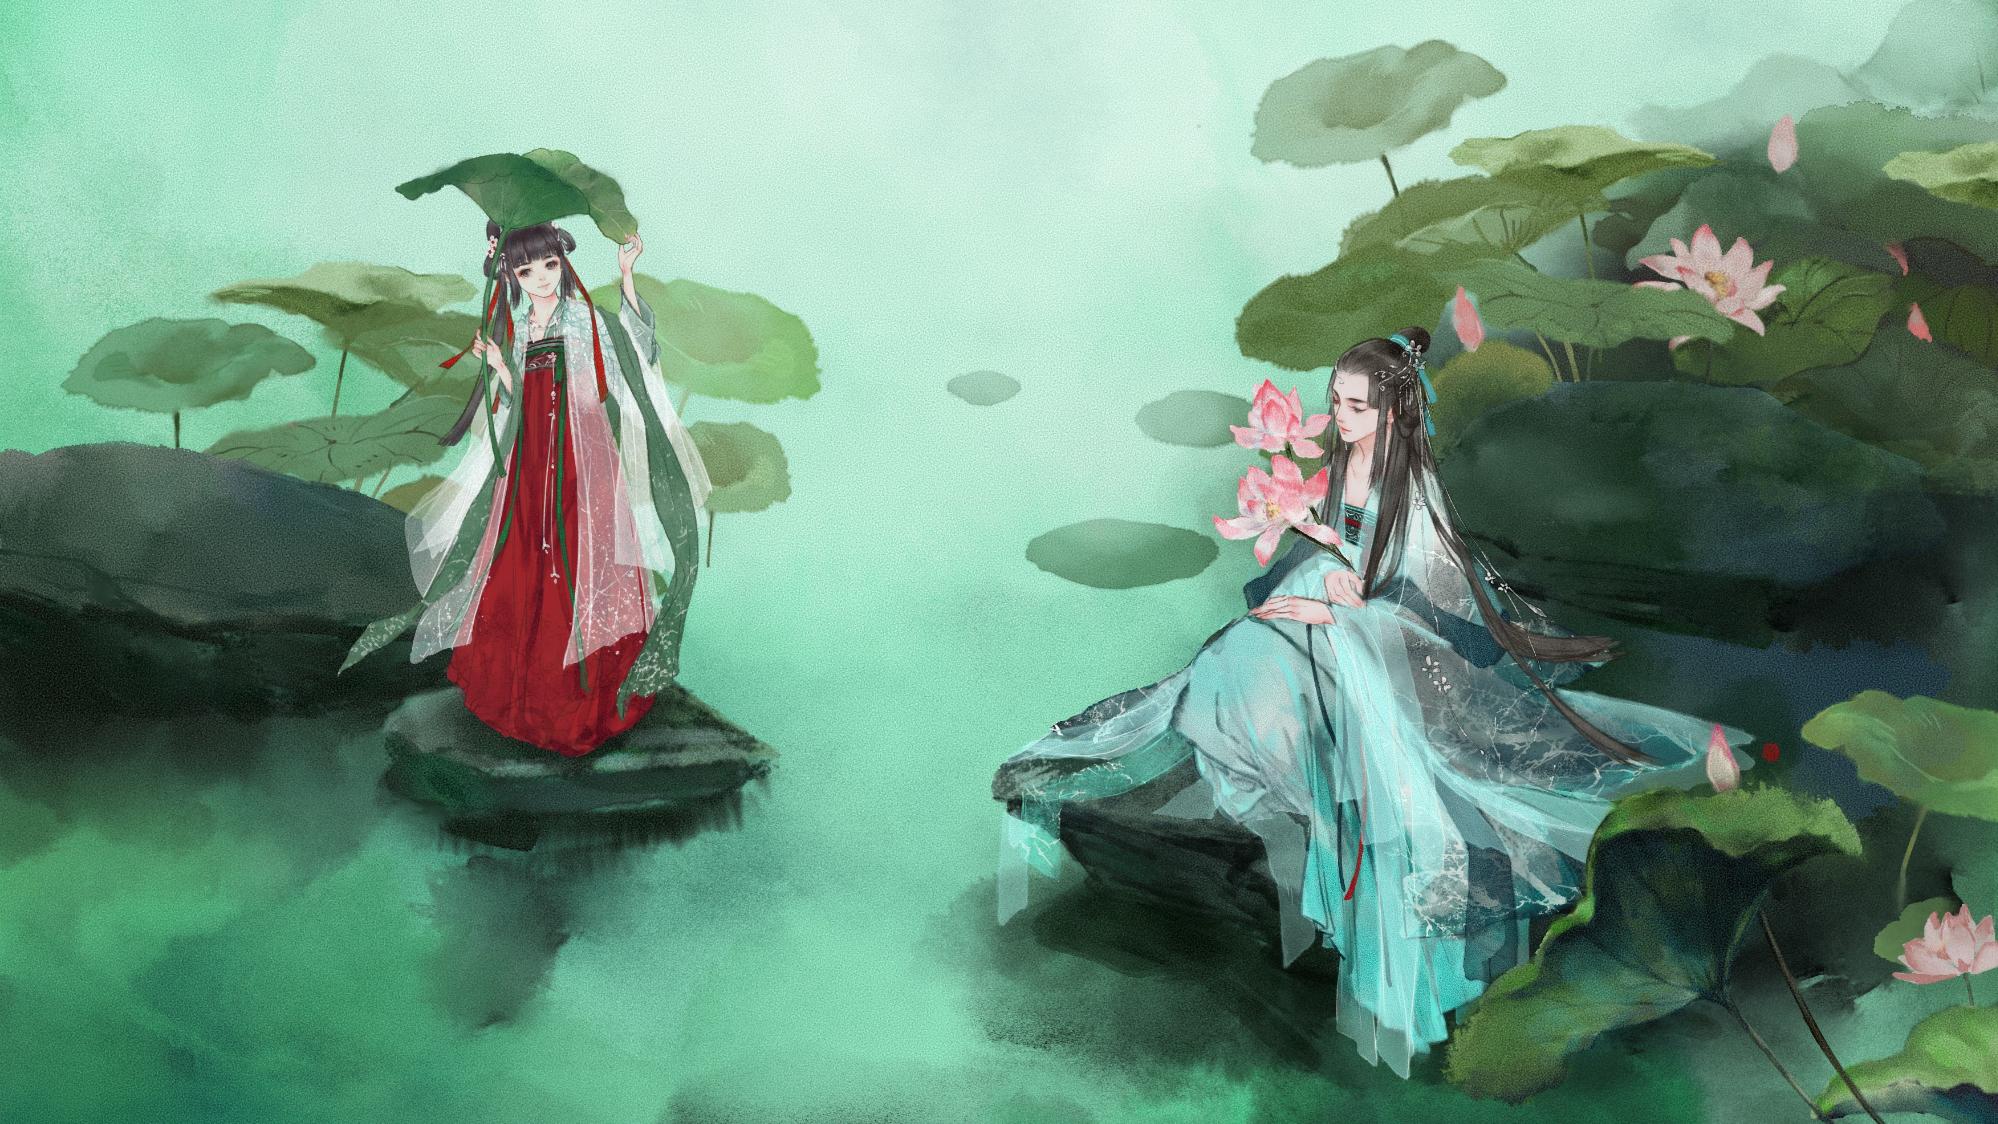 【小时姑娘&HITA】同簪——远远同簪同衣,已足够欢喜一生。